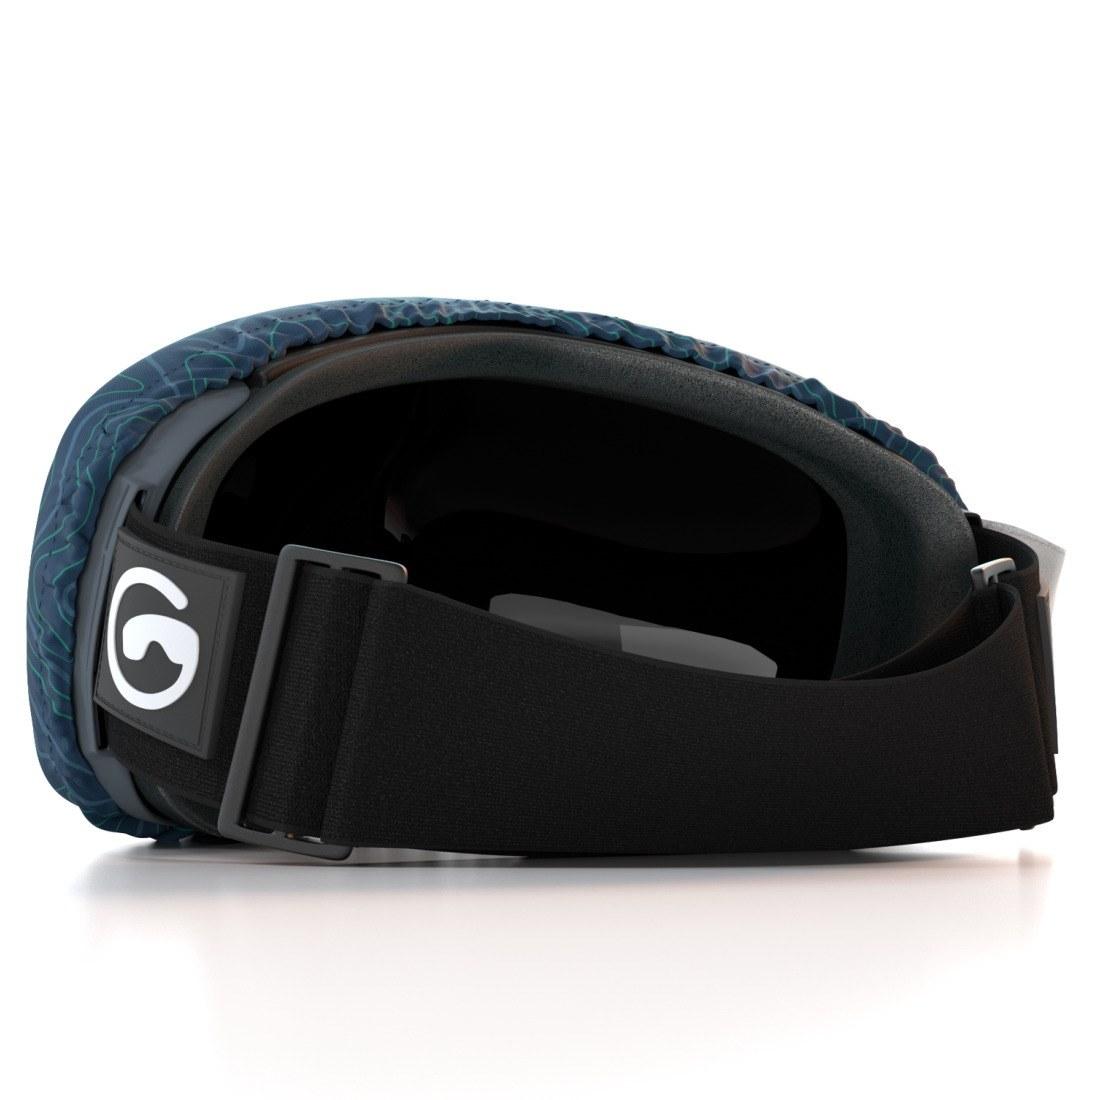 ゴーグルソック gogglesoc POWモデル ゴーグルカバー  国内正規品